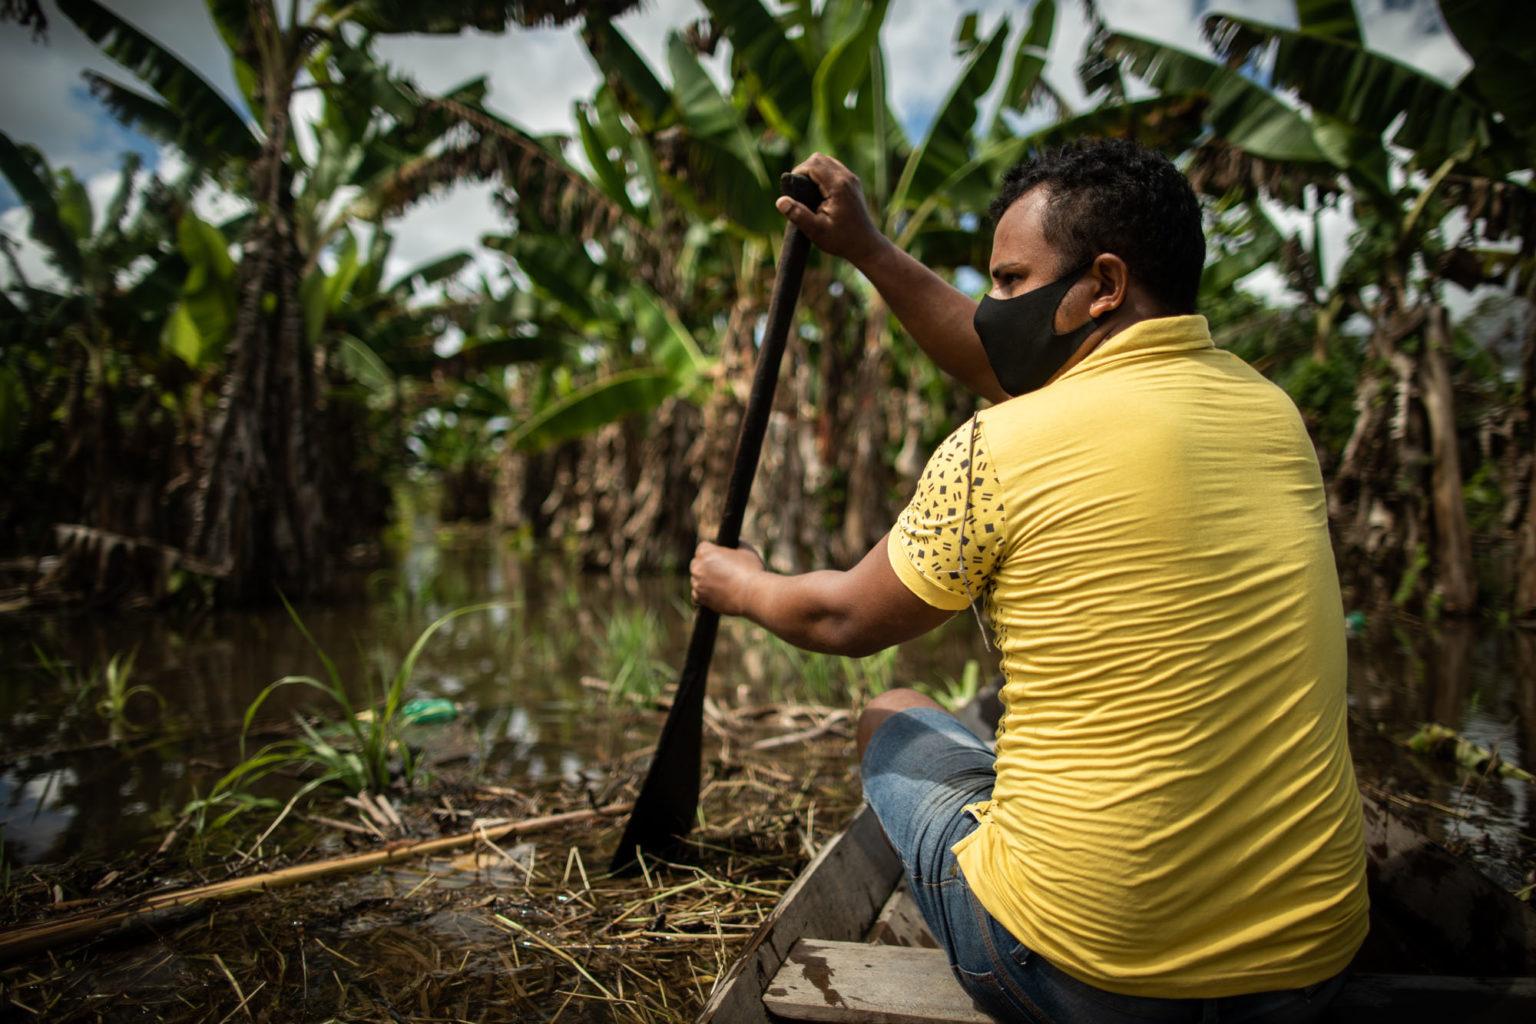 Produtor rural, Bruno Monteiro navega na área de sua plantação em Manacapuru, perdida para cheia: estado calcula prejuízo de, pelo menos, R$ 189 milhões (Foto: Raphael Alves/Amazônia